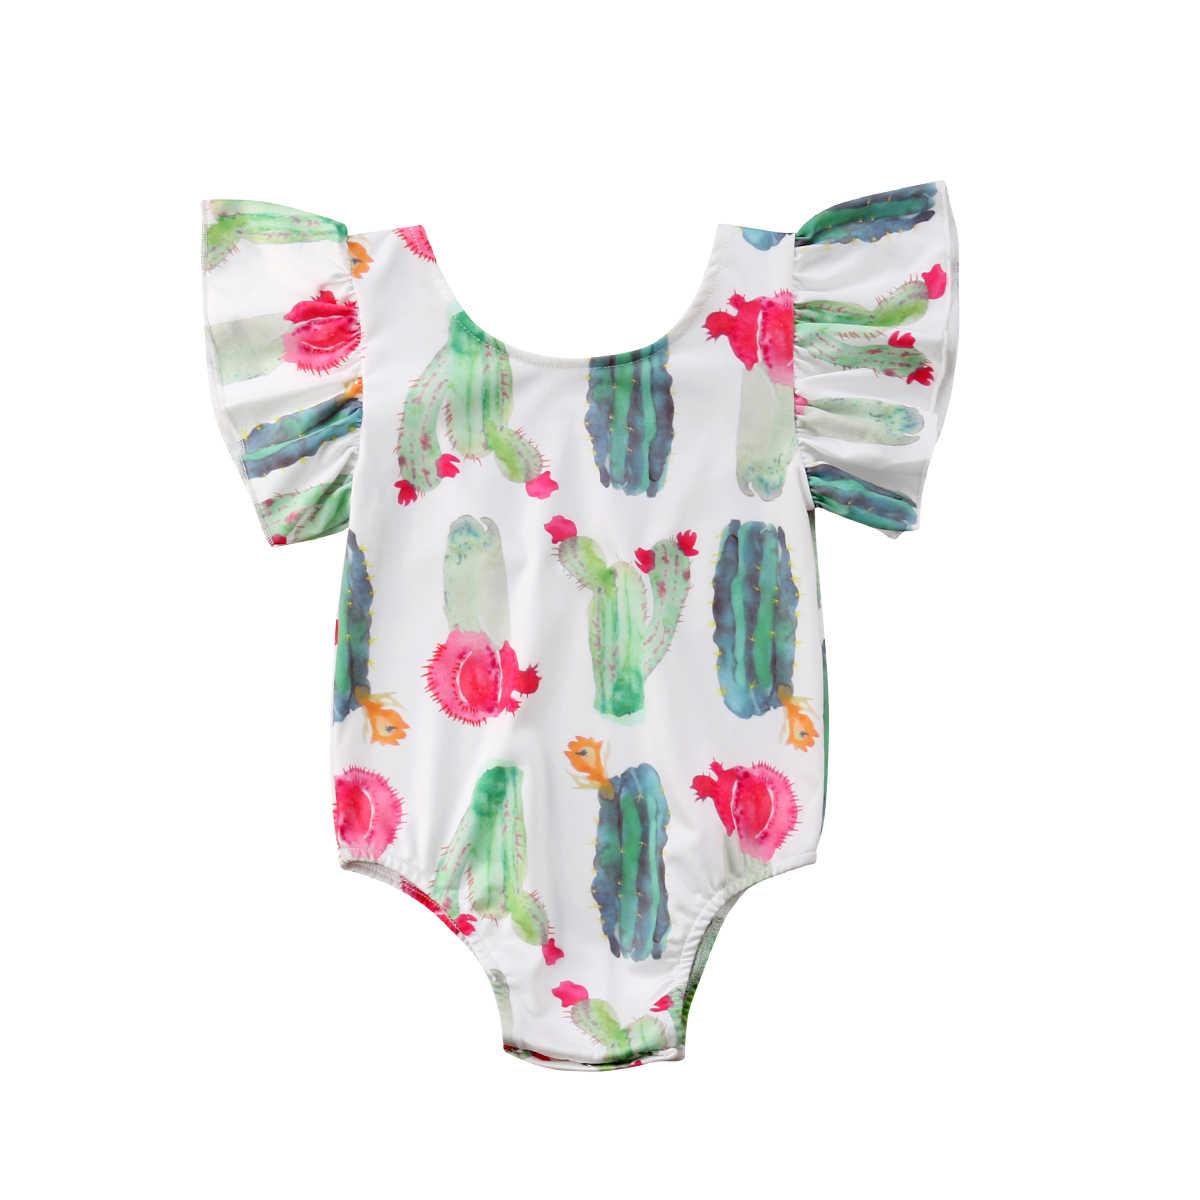 ผ้าฝ้าย Comfort ทารกสาว Romper ruffle แคคตัสพิมพ์หลวม jumpsuit 0-24M ทารกแรกเกิด Playsuit